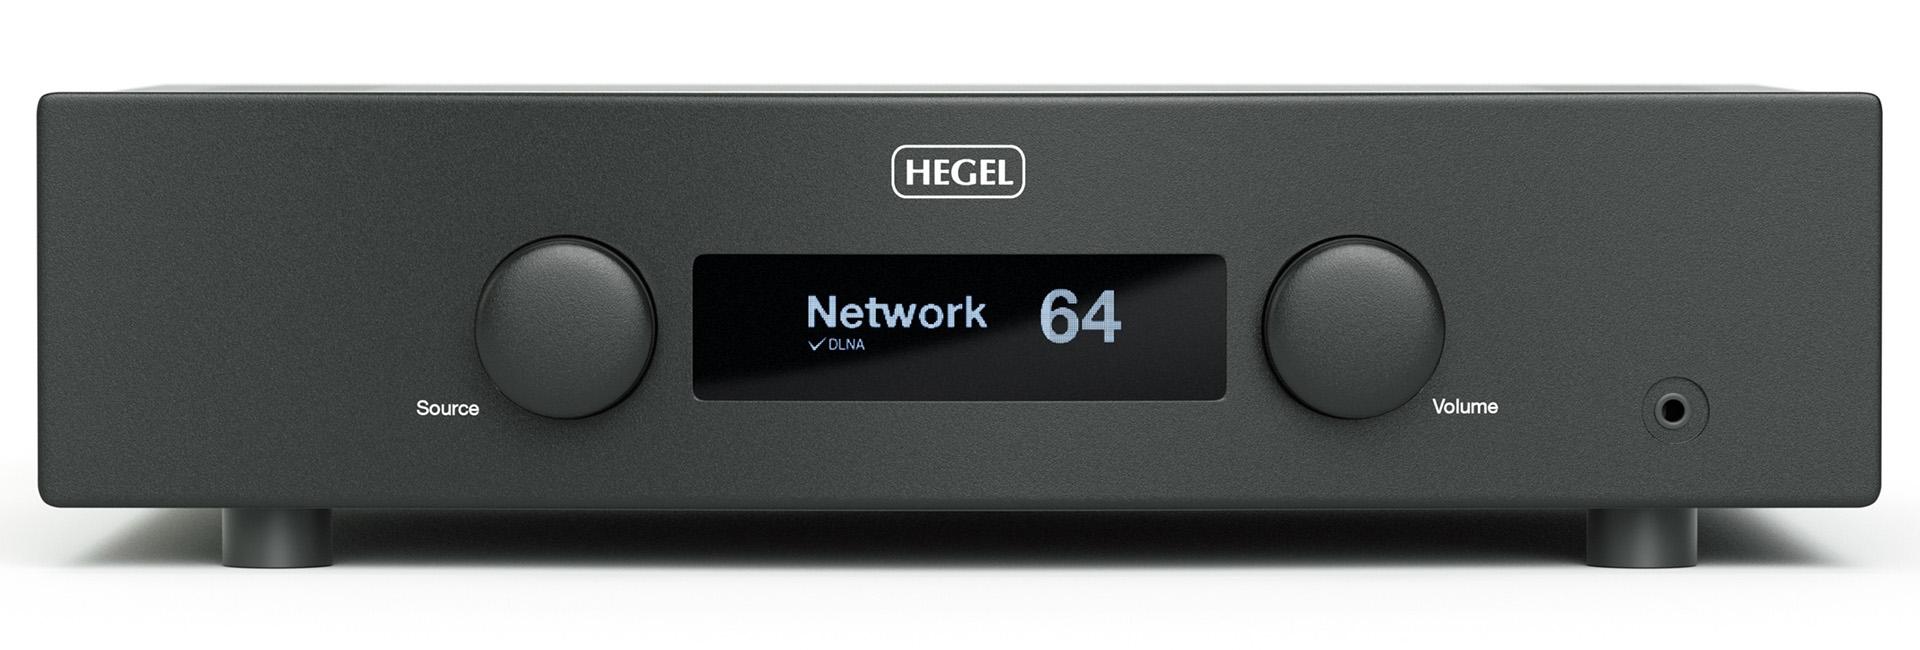 Незаурядный продукт: Hegel H190 в обзоре портала HiFi Pig